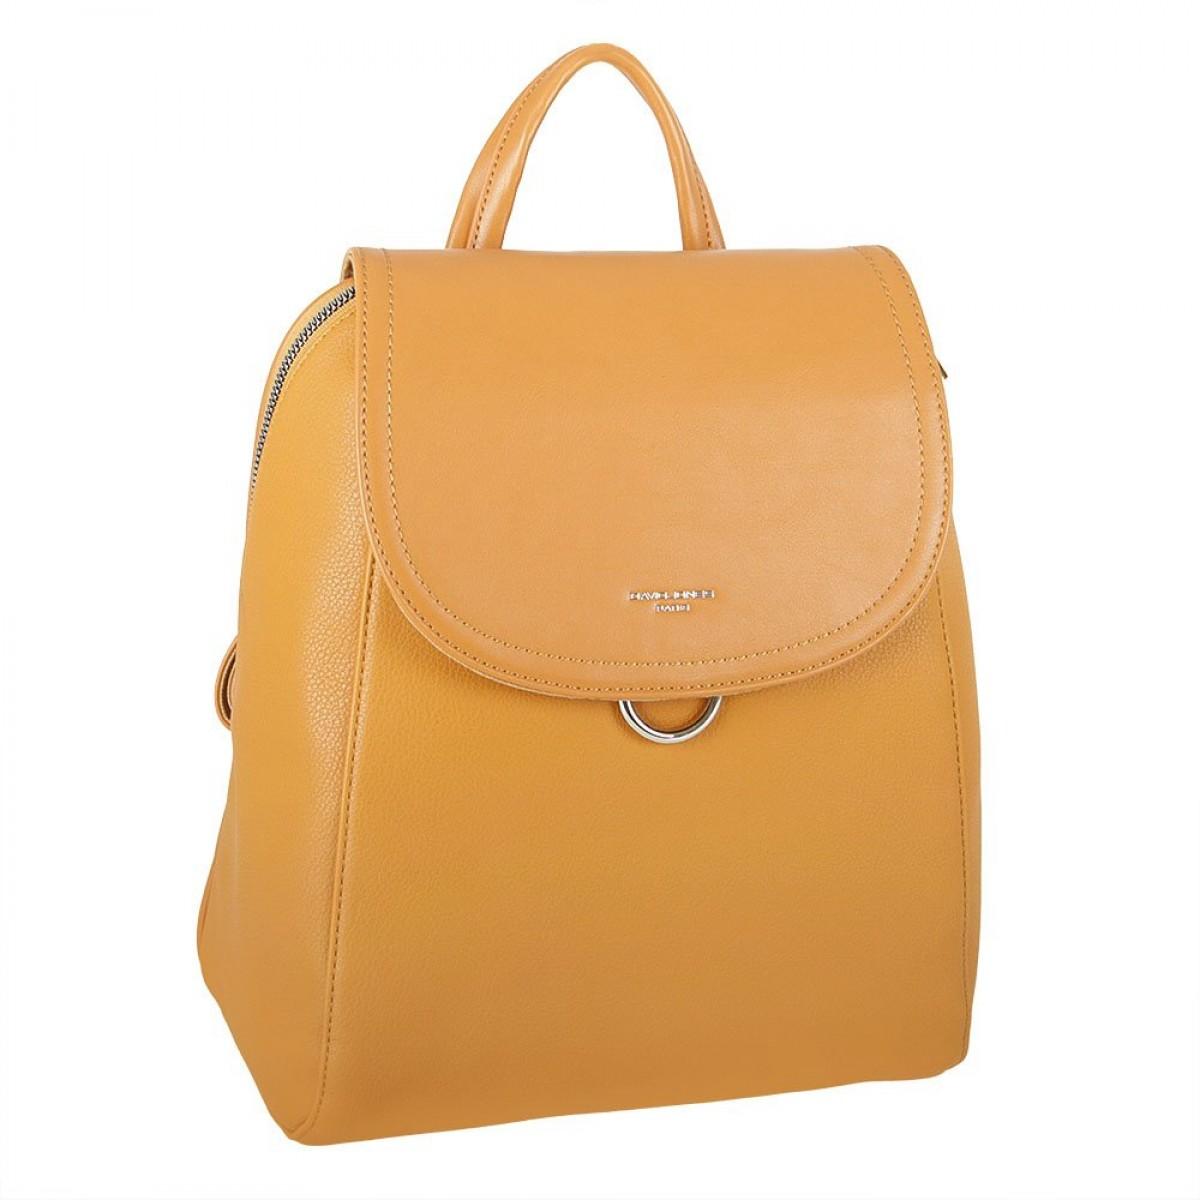 Жіночий рюкзак David Jones CM5876 YELLOW